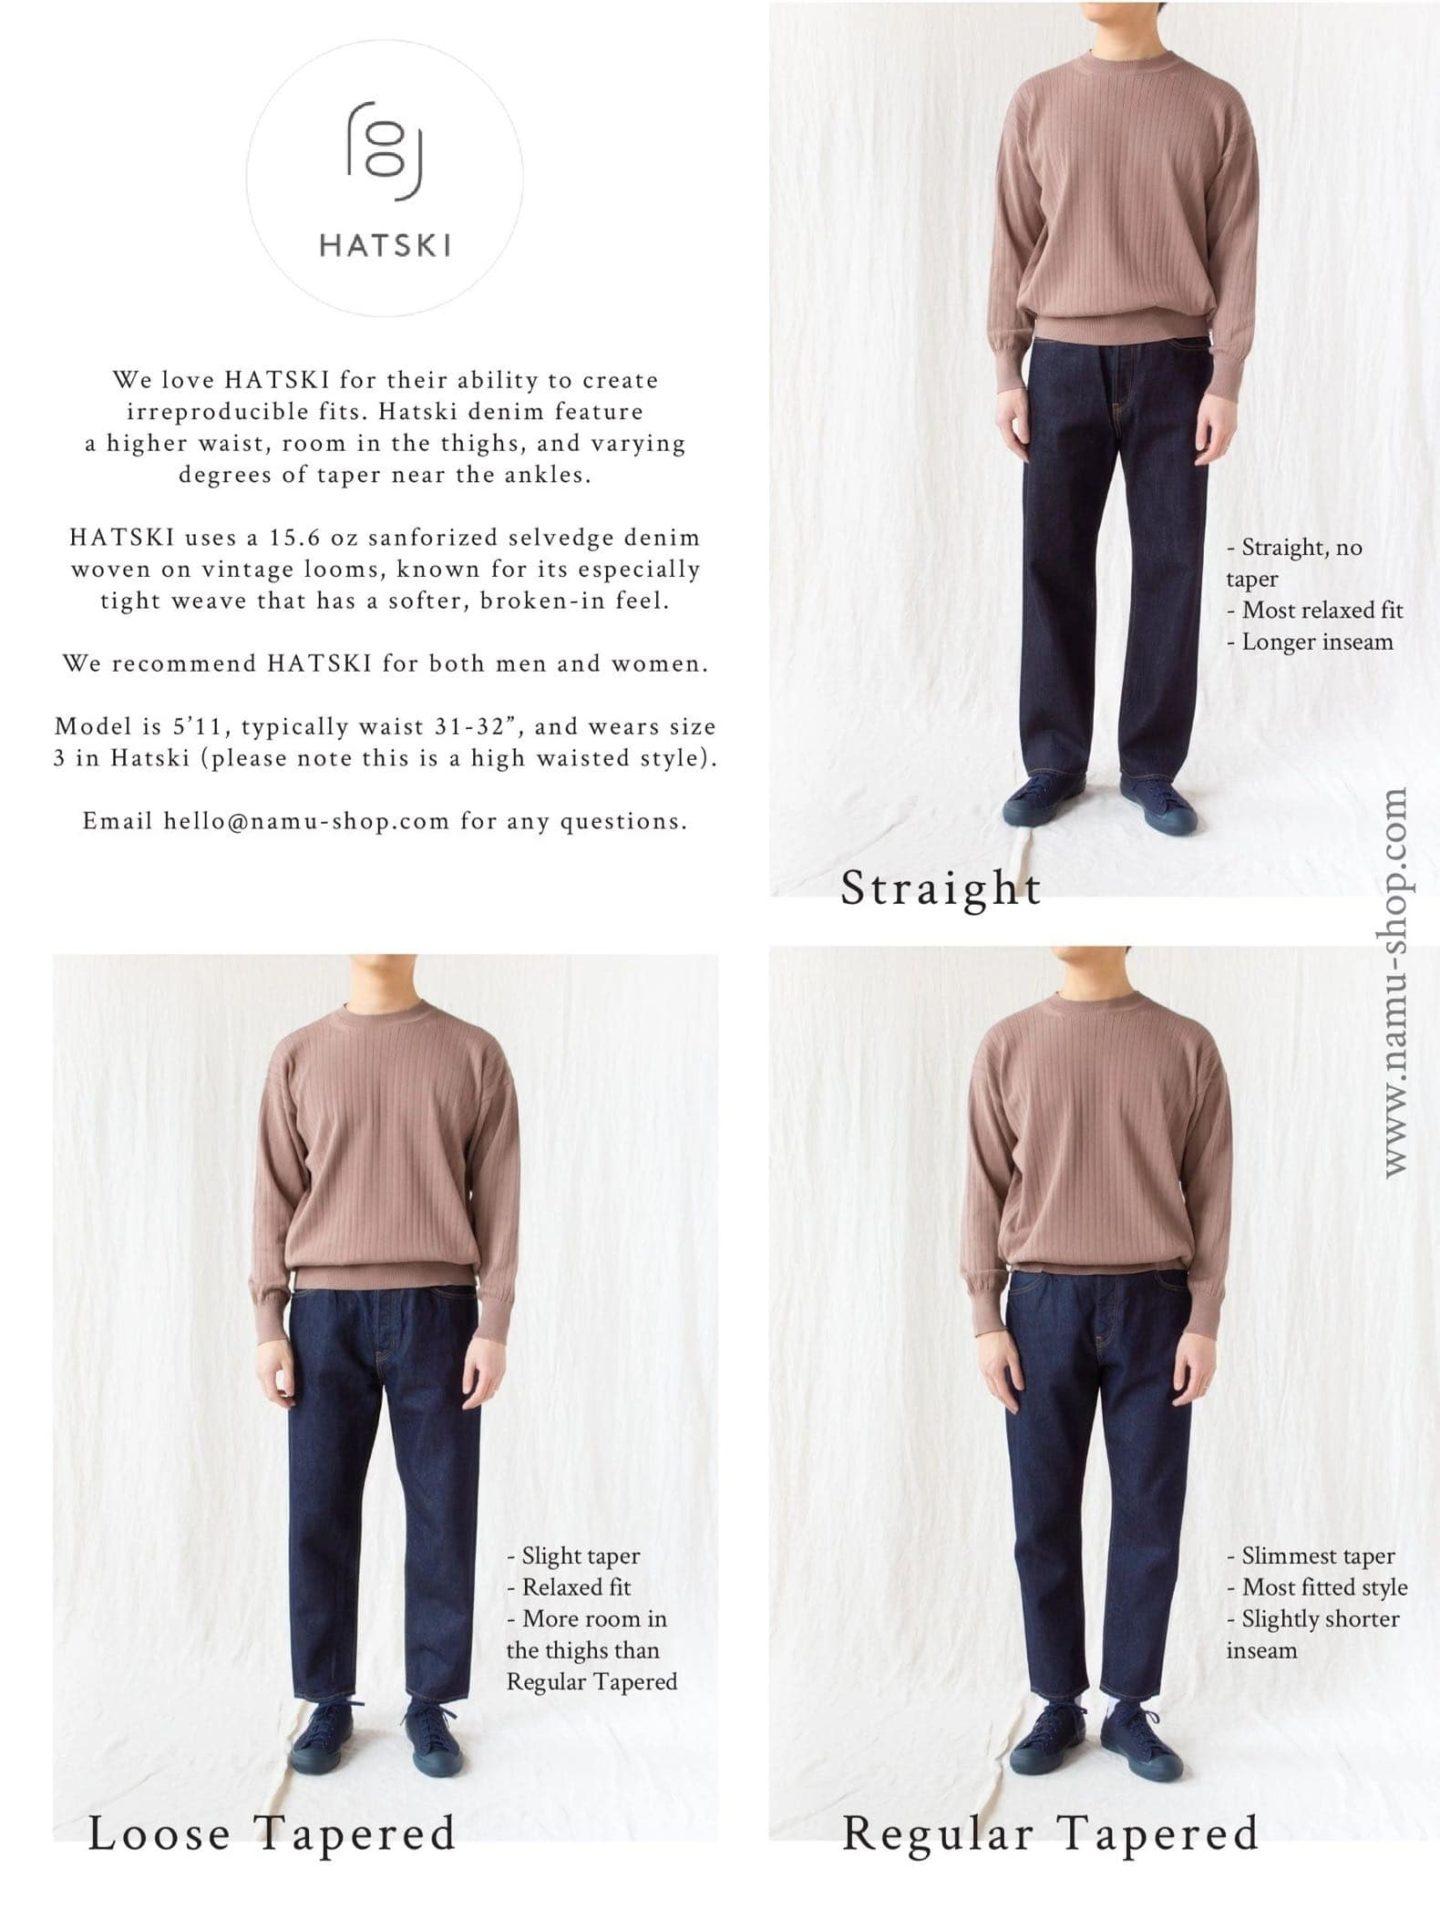 Tableau récapitulatif des coupes des jeans de la marque Hatski